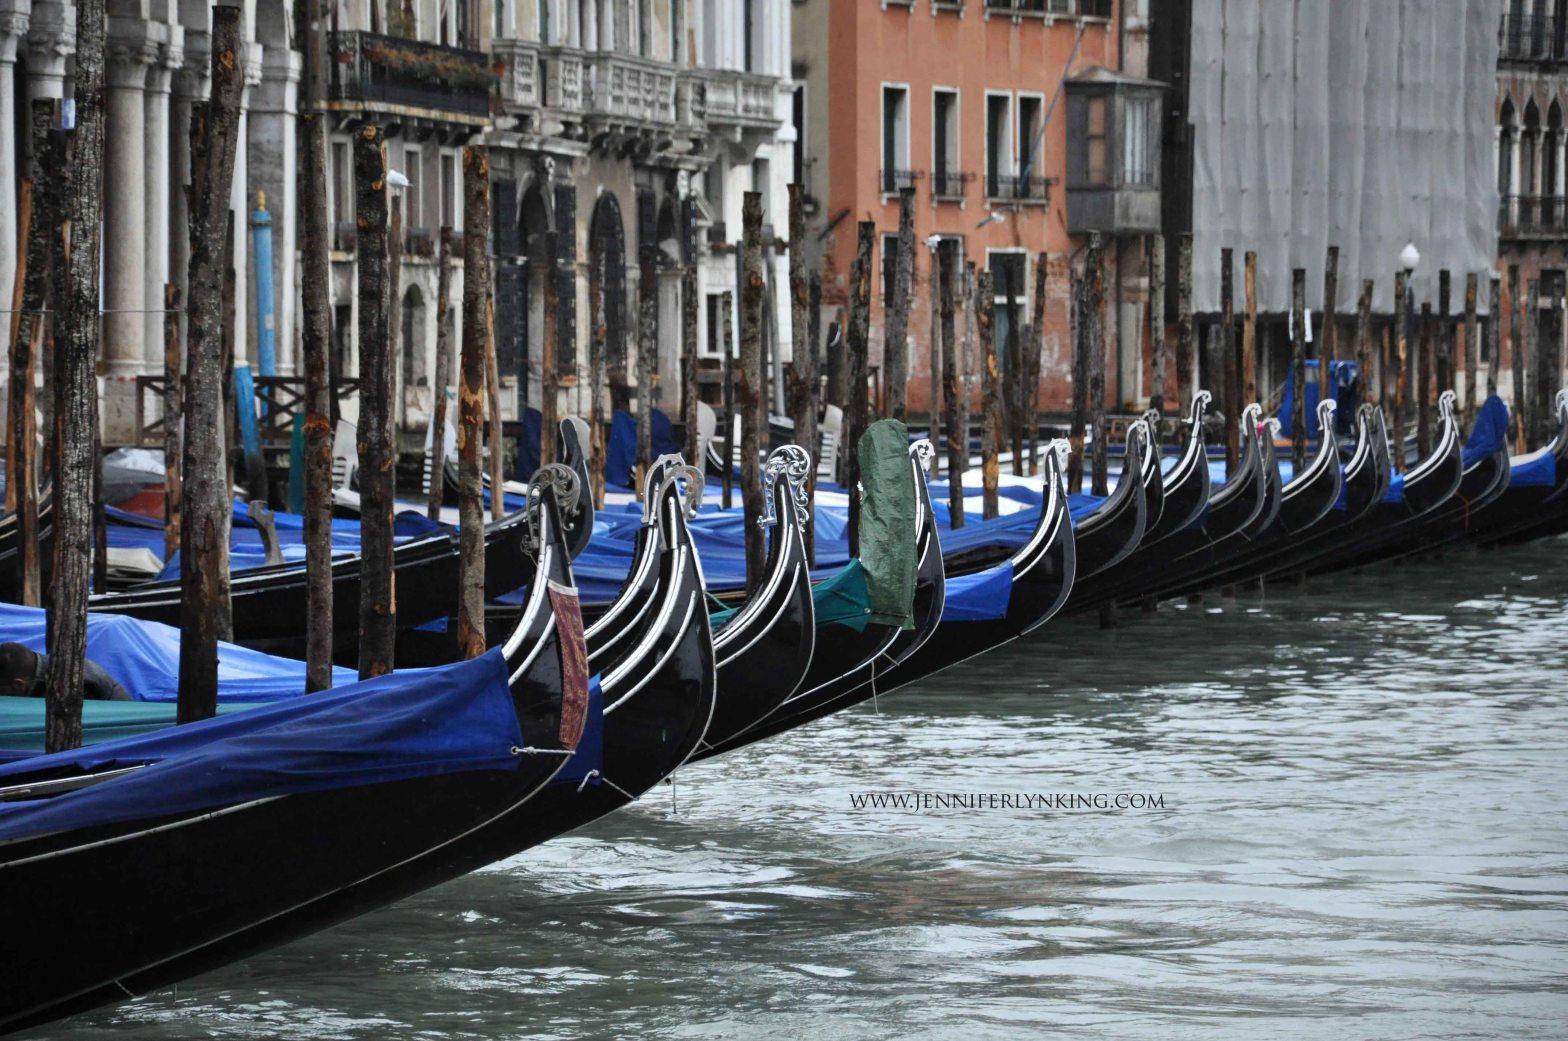 Venice, Italy, in February